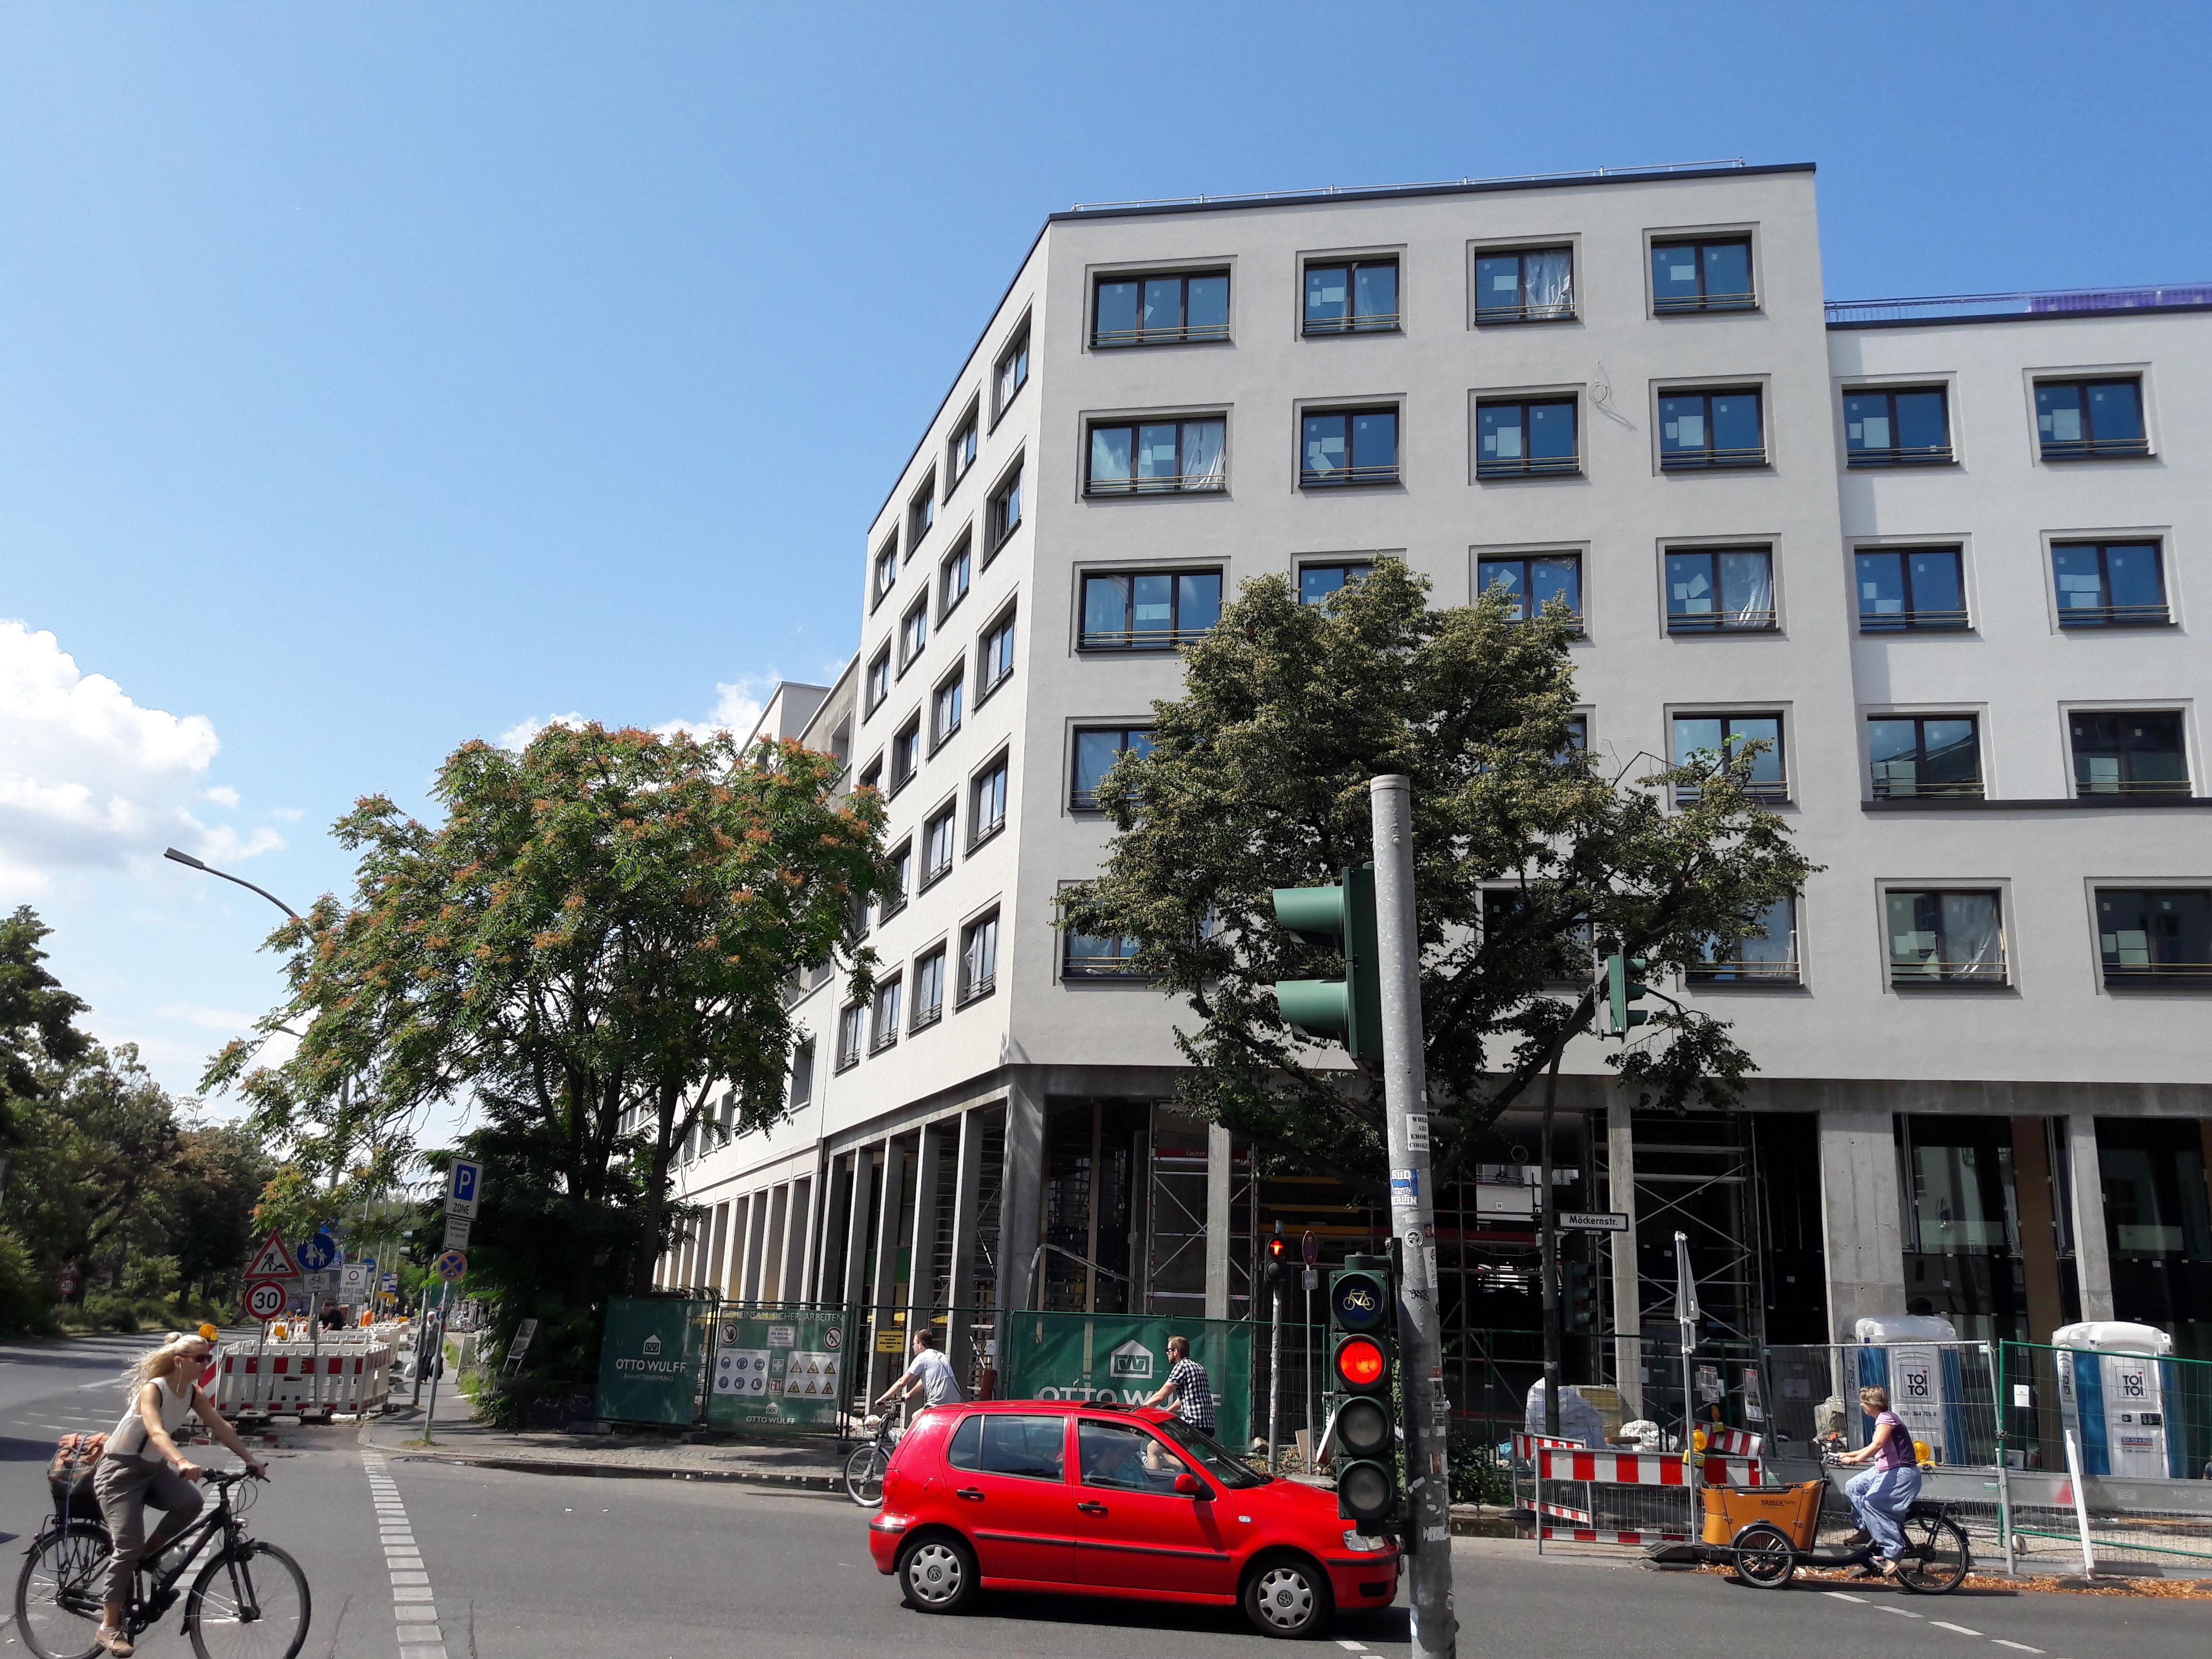 Moeckernkiez-Neubauquartier.jpg